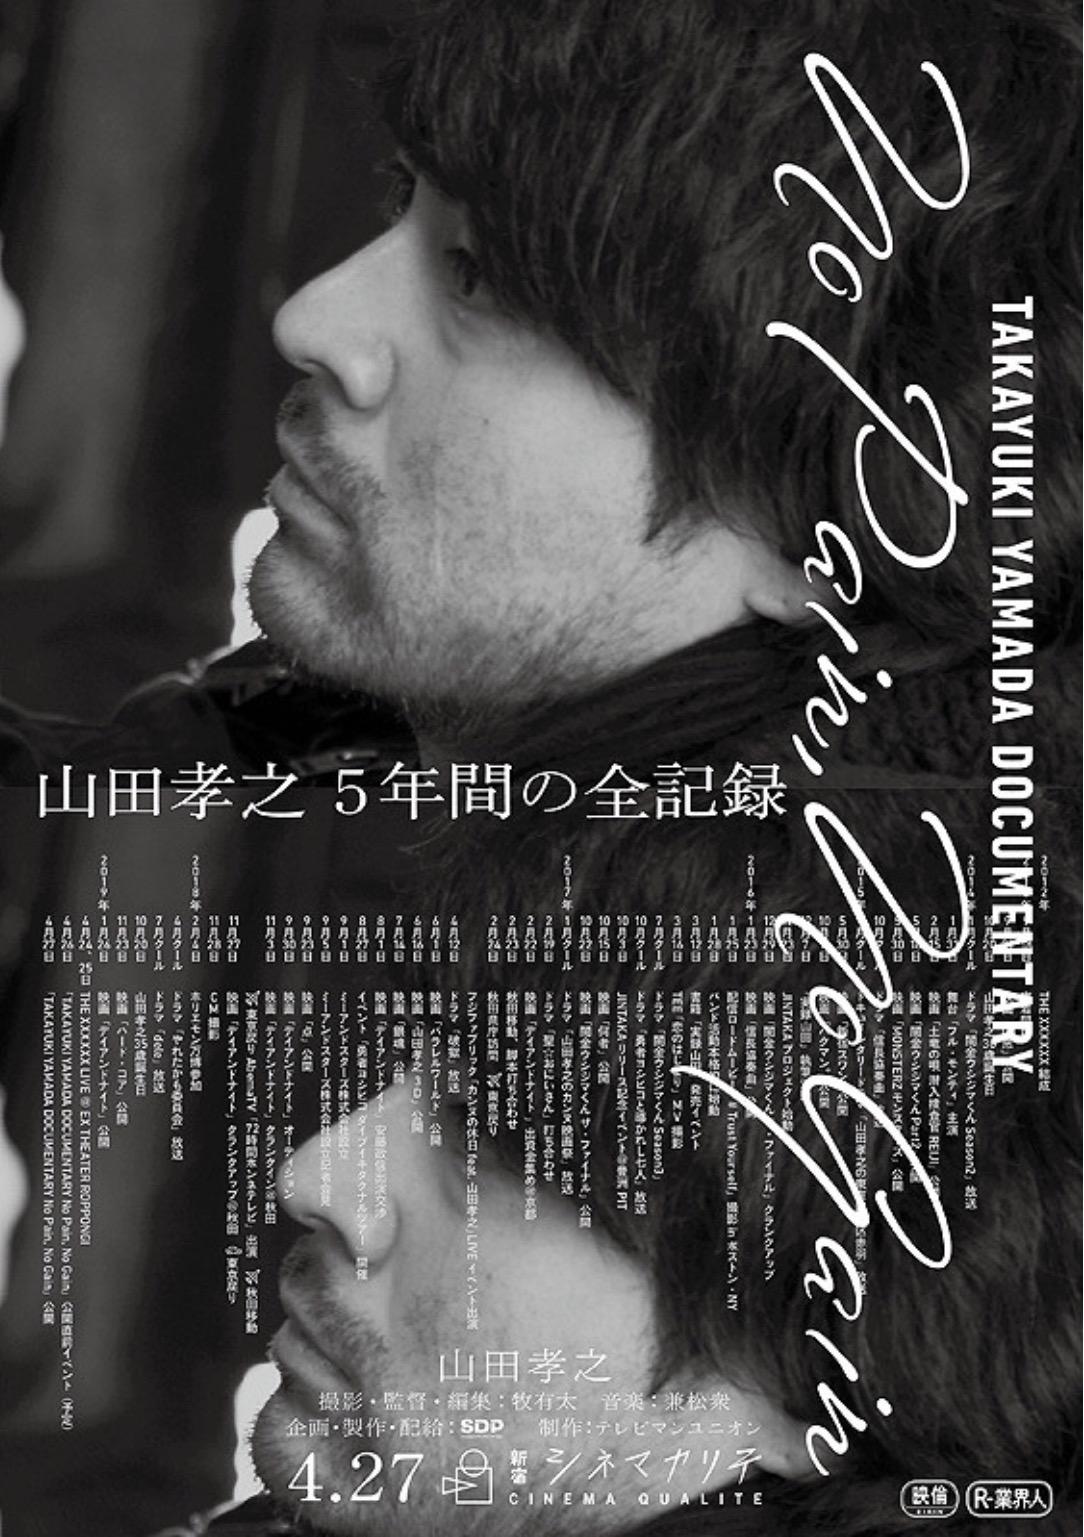 『山田孝之ドキュメンタリNoPainNoGain』牧有太監督『デイアンドナイト 』伊藤プロデューサーアフタートークイベント